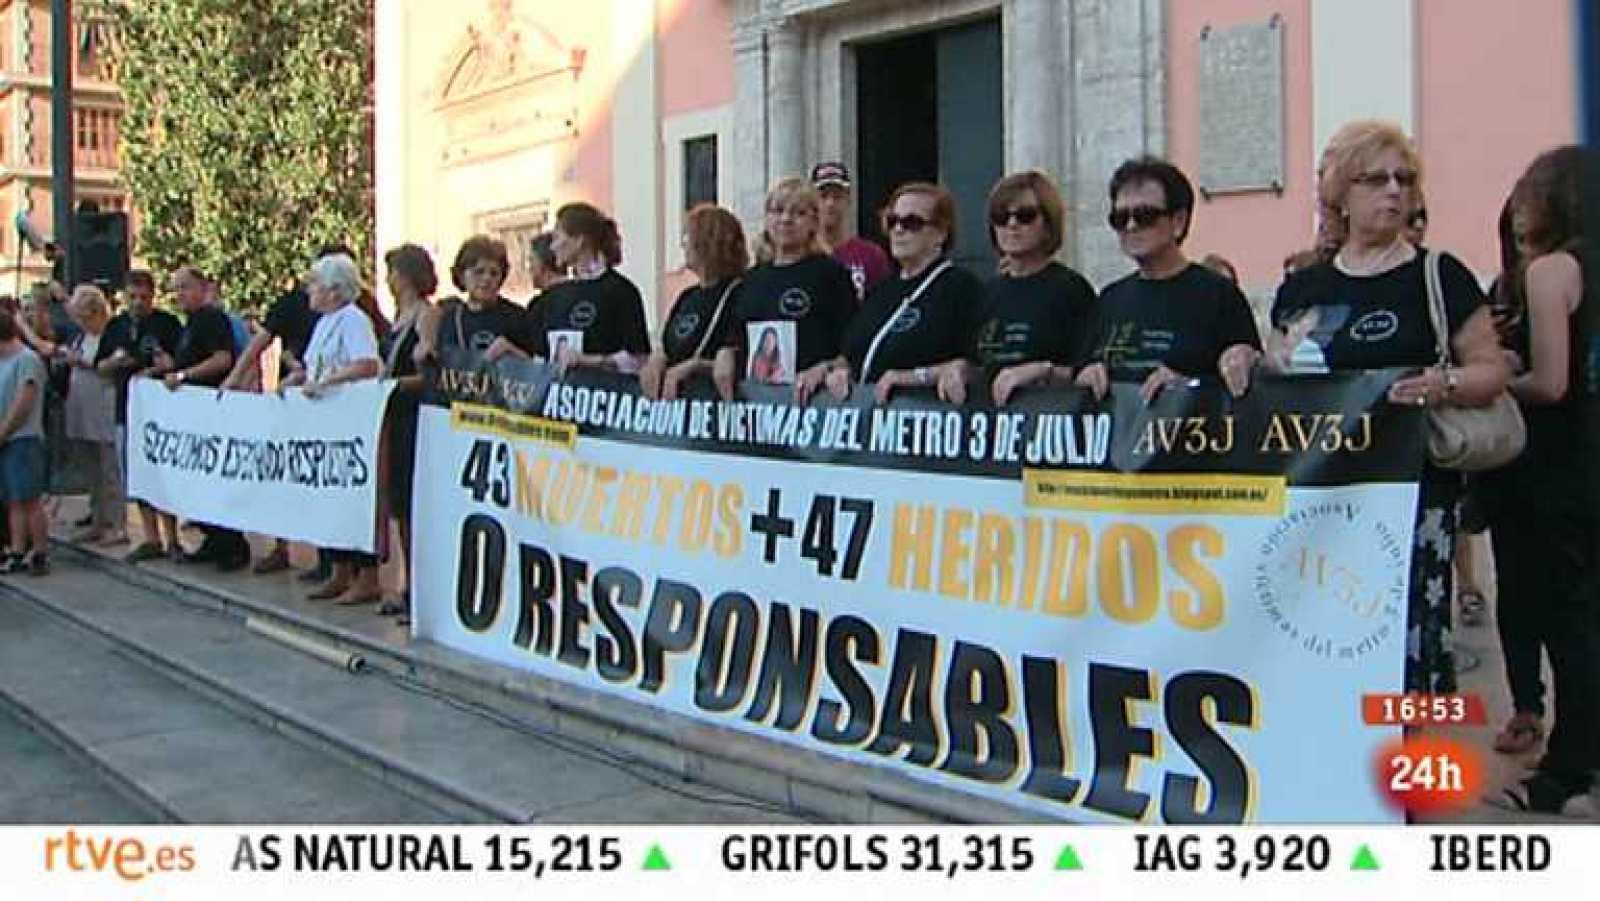 España en 24 horas - 17/09/13 - Ver ahora